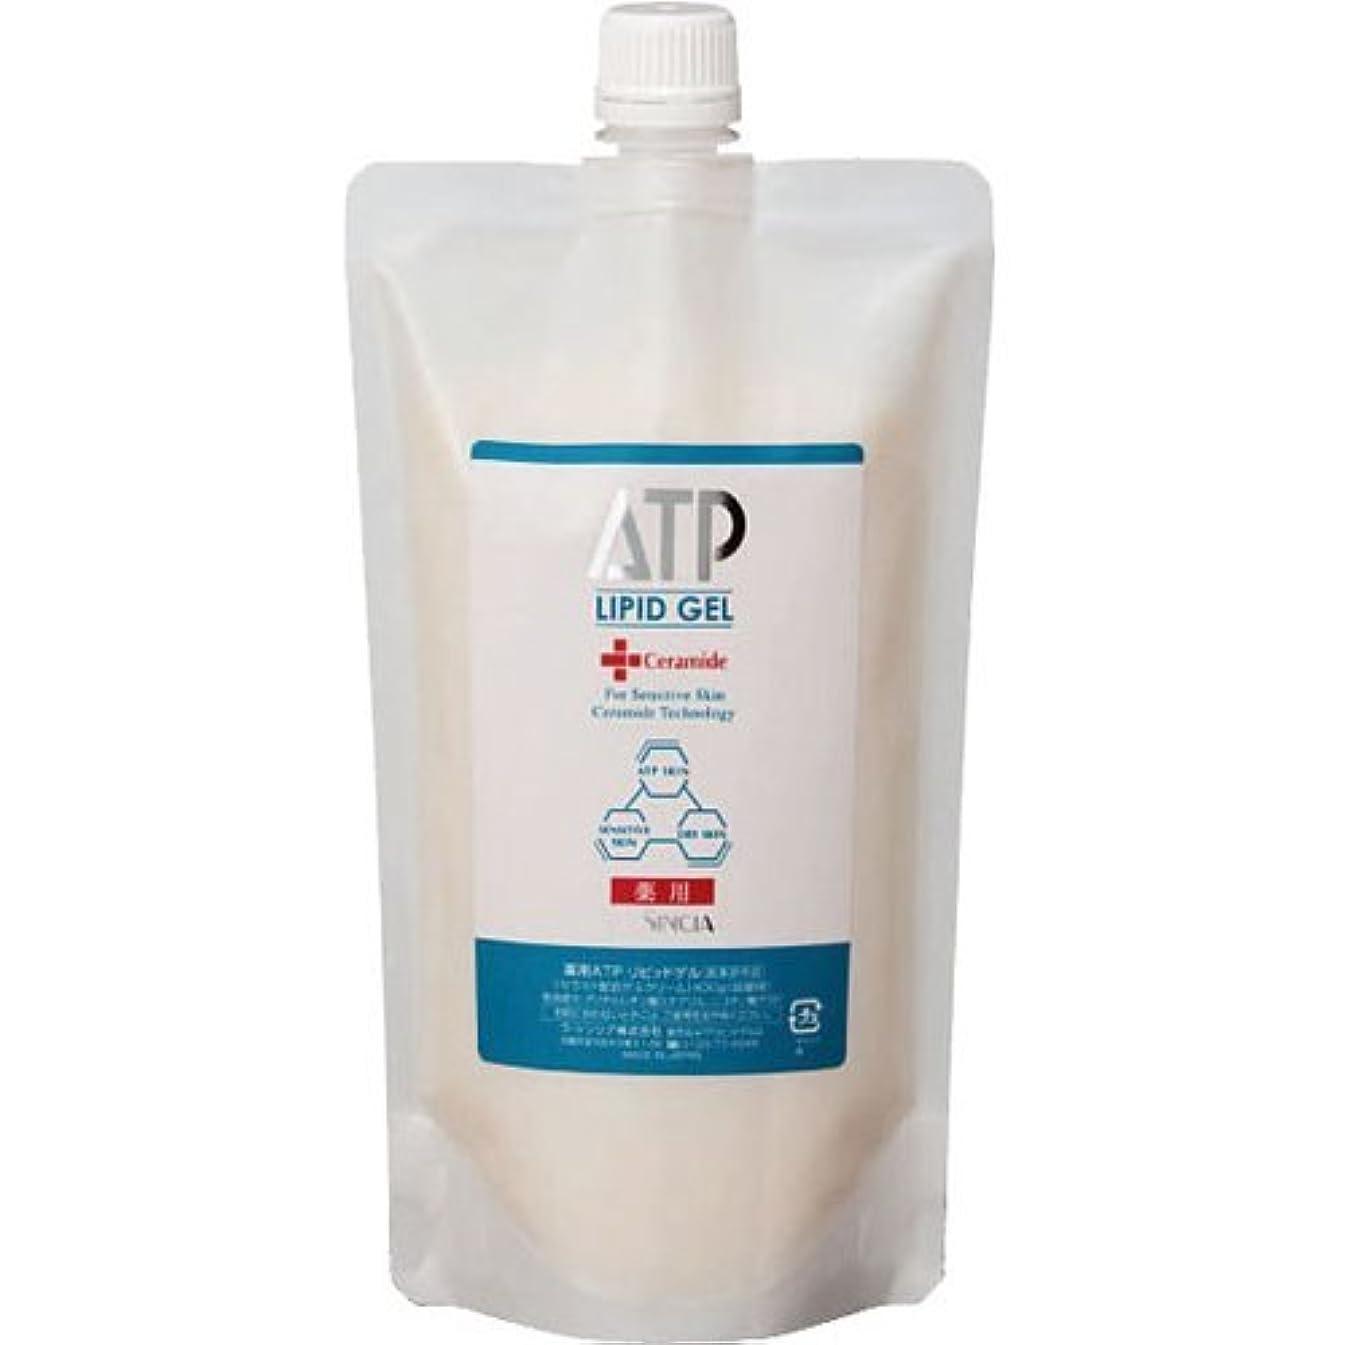 集中的な蓋対話ラシンシア 薬用ATPリピッドゲル 400g(詰替用) 【セラミド配合ゲルクリーム】